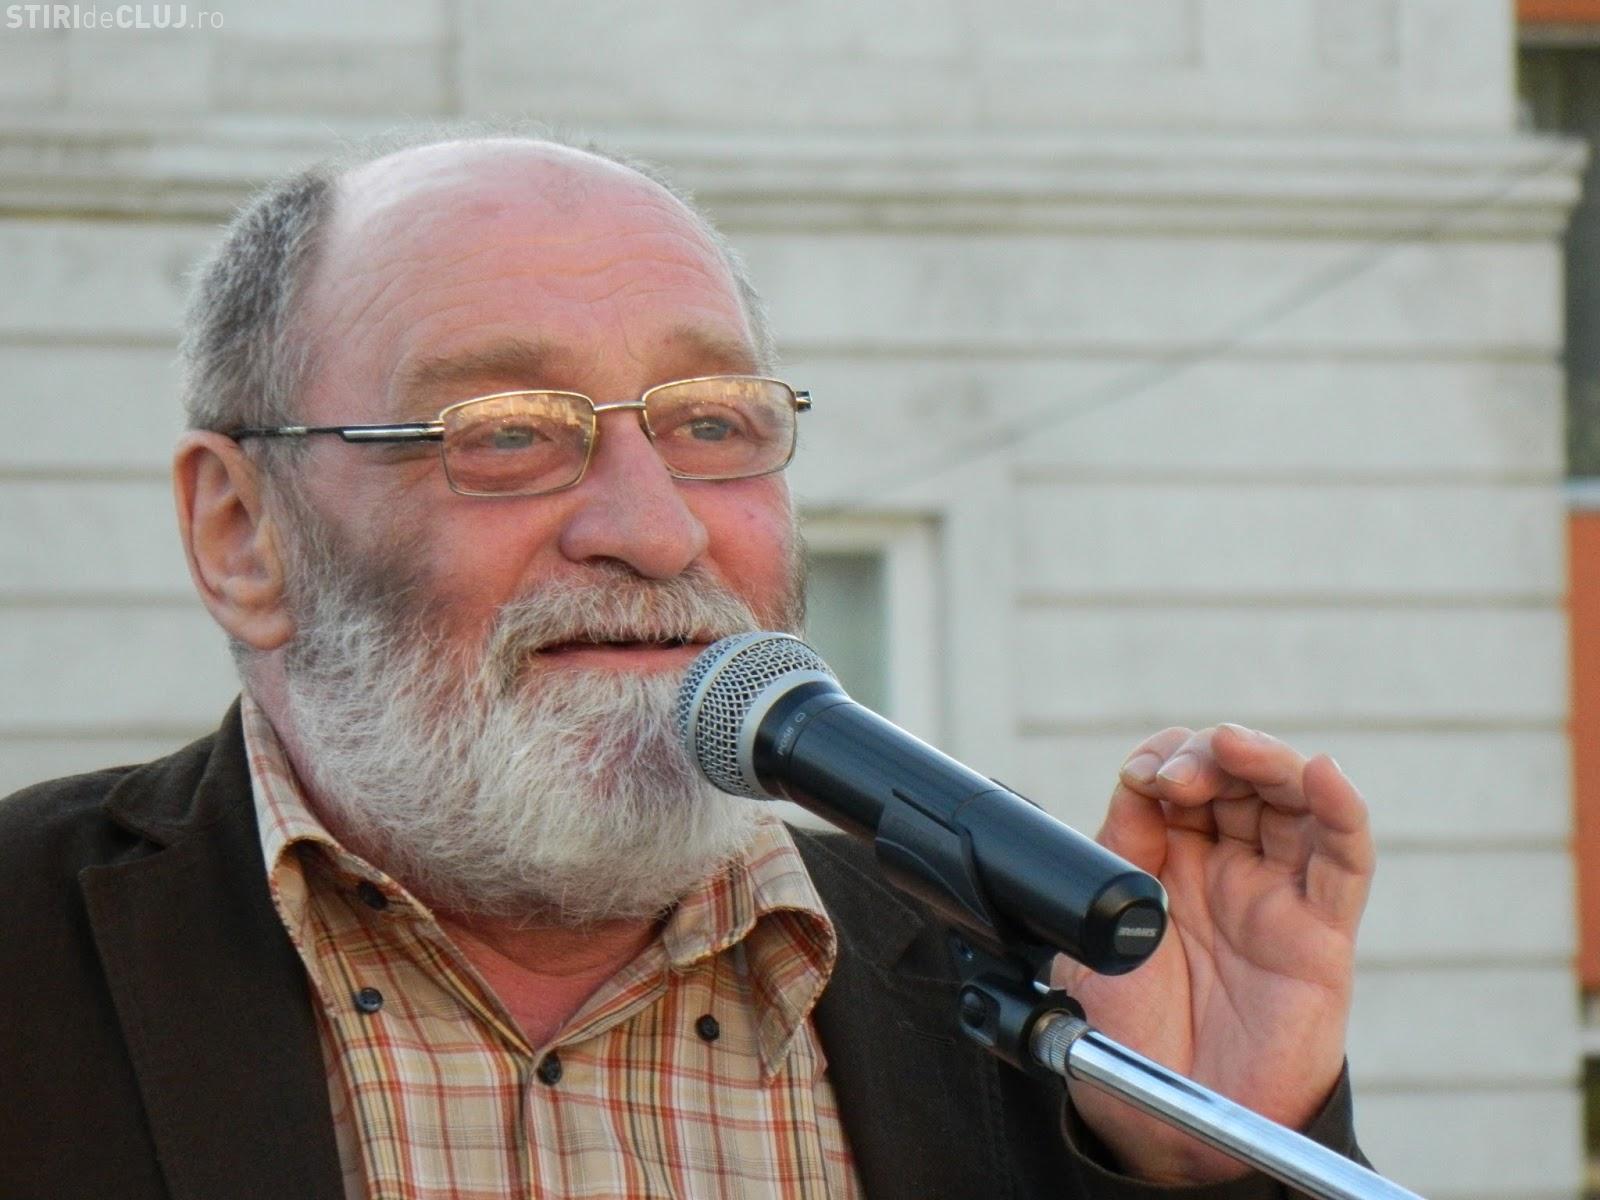 Poetul Ion Mureșan: A fi fumător, însă, e mai rău decât dacă ai avea râie